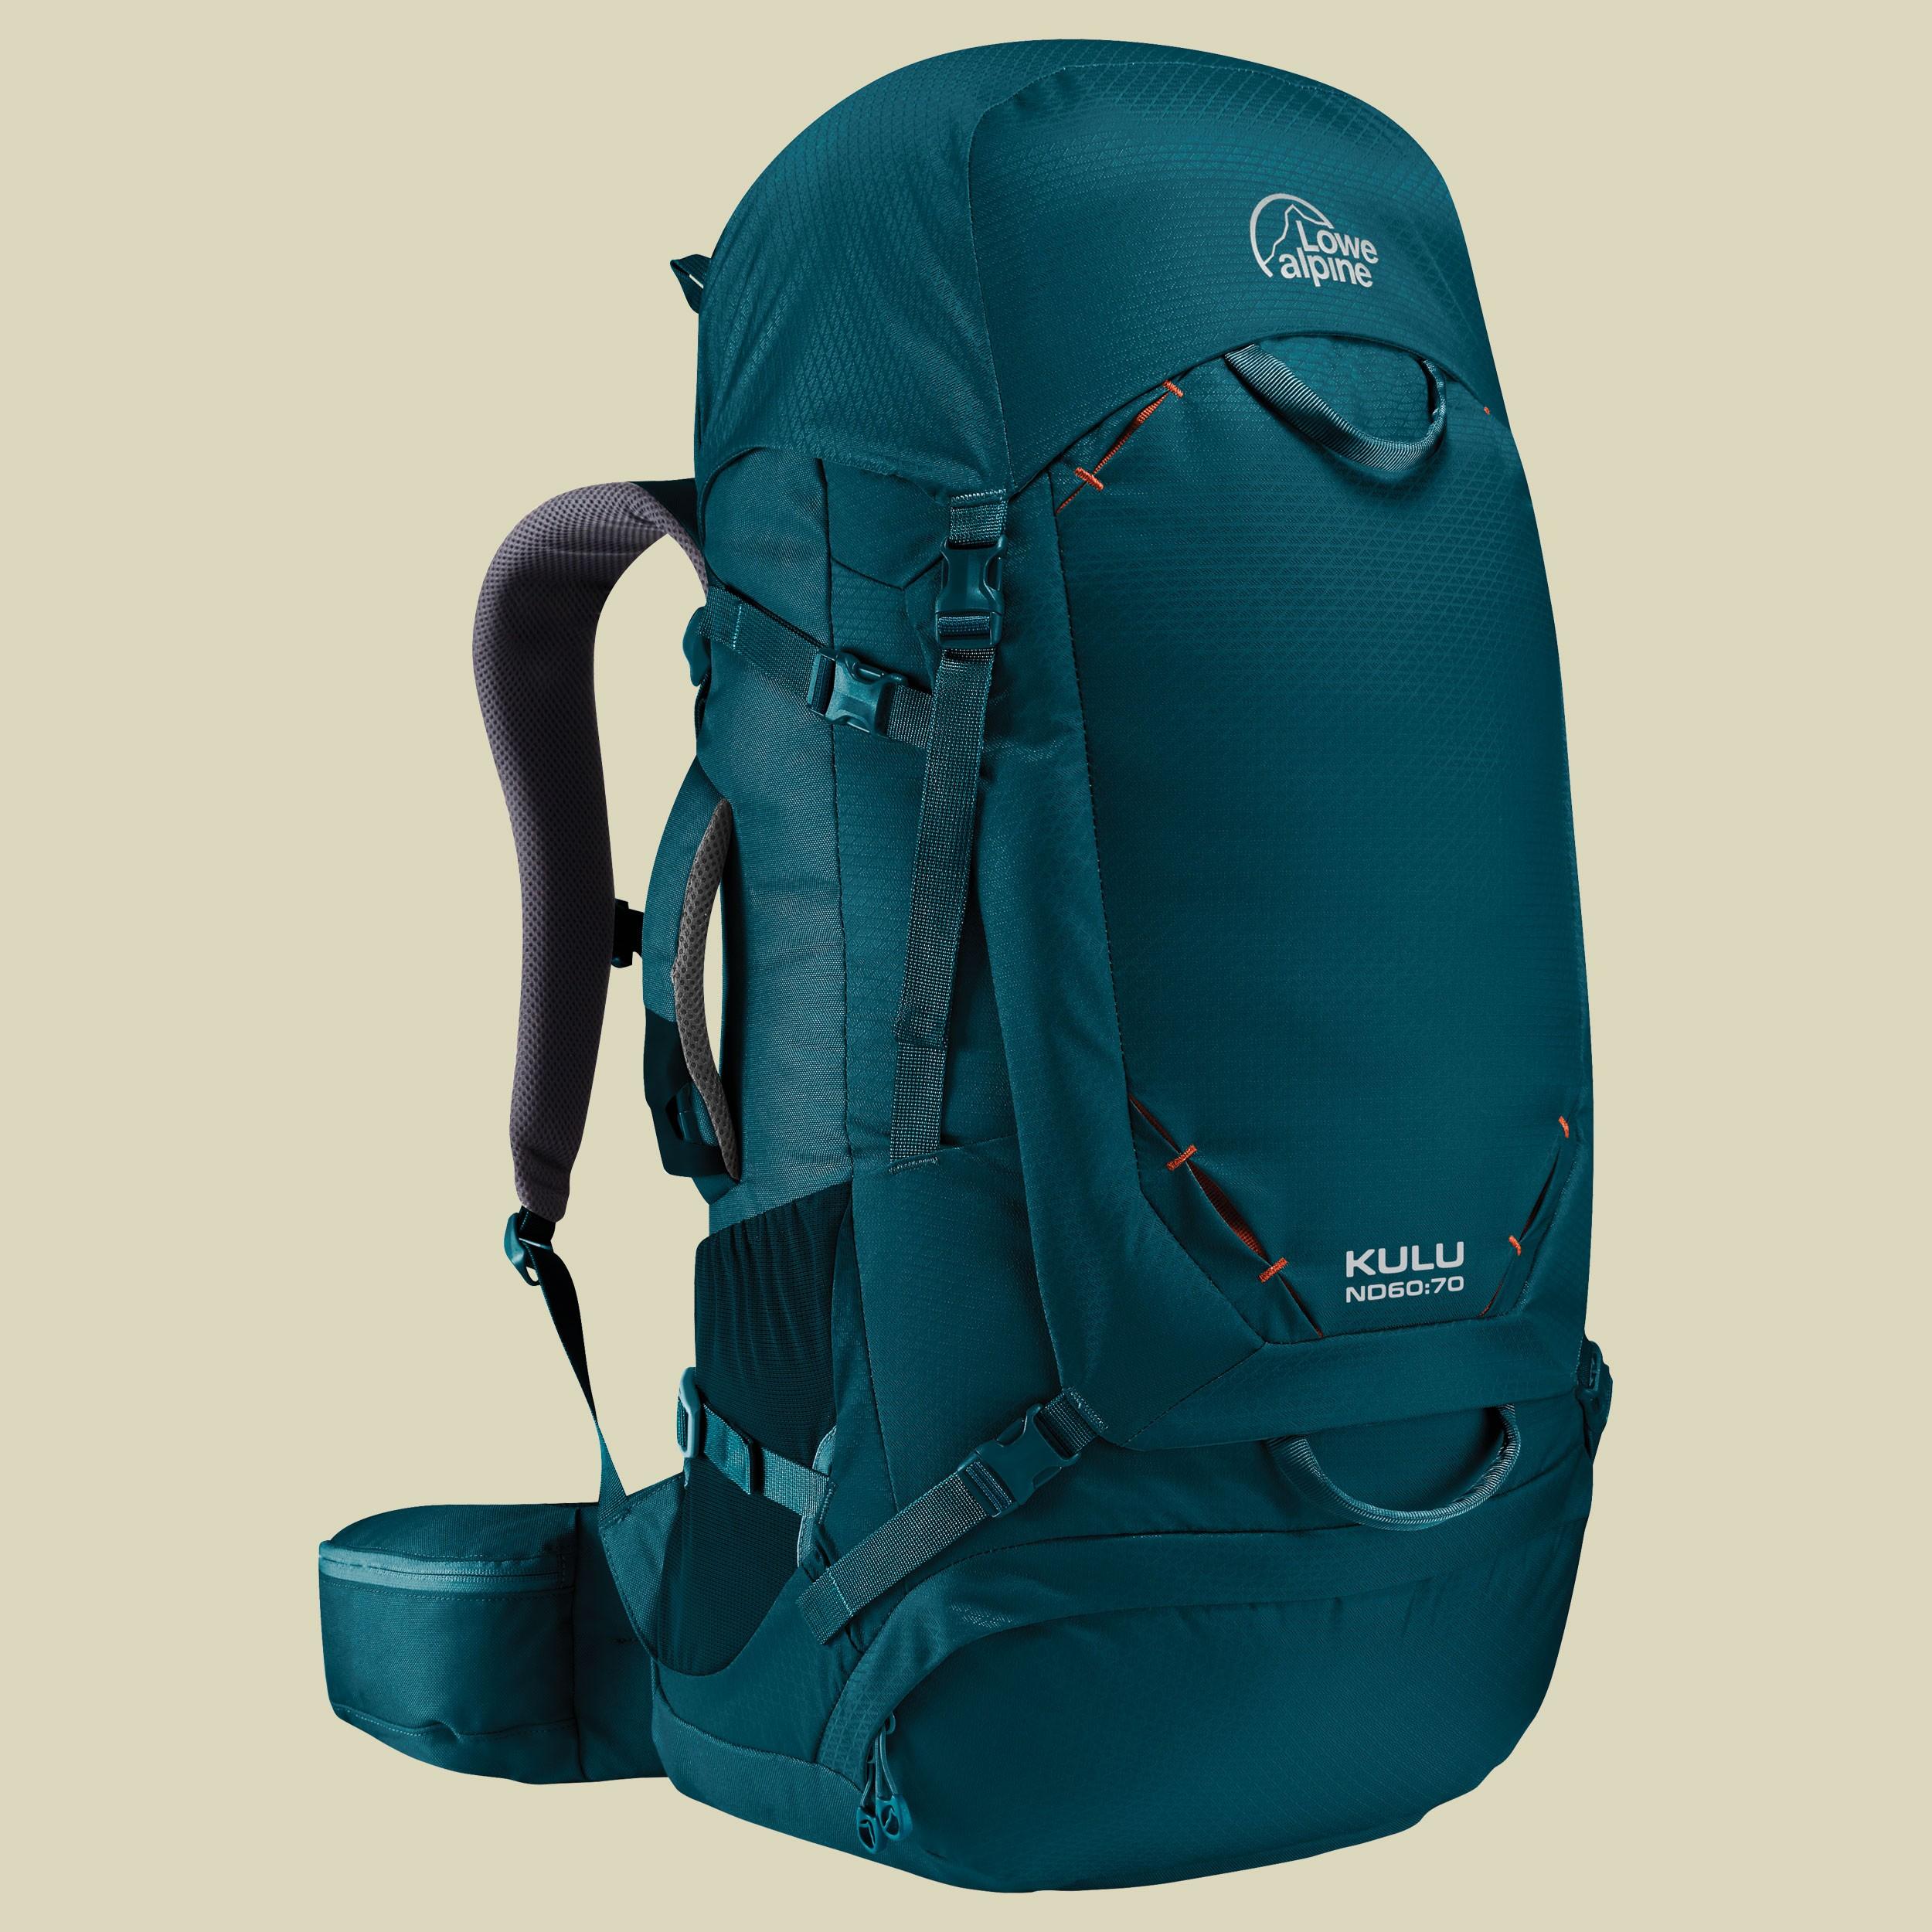 Lowe Alpine Kulu ND 60:70 - Damen Trekkingrucksack - naturzeit